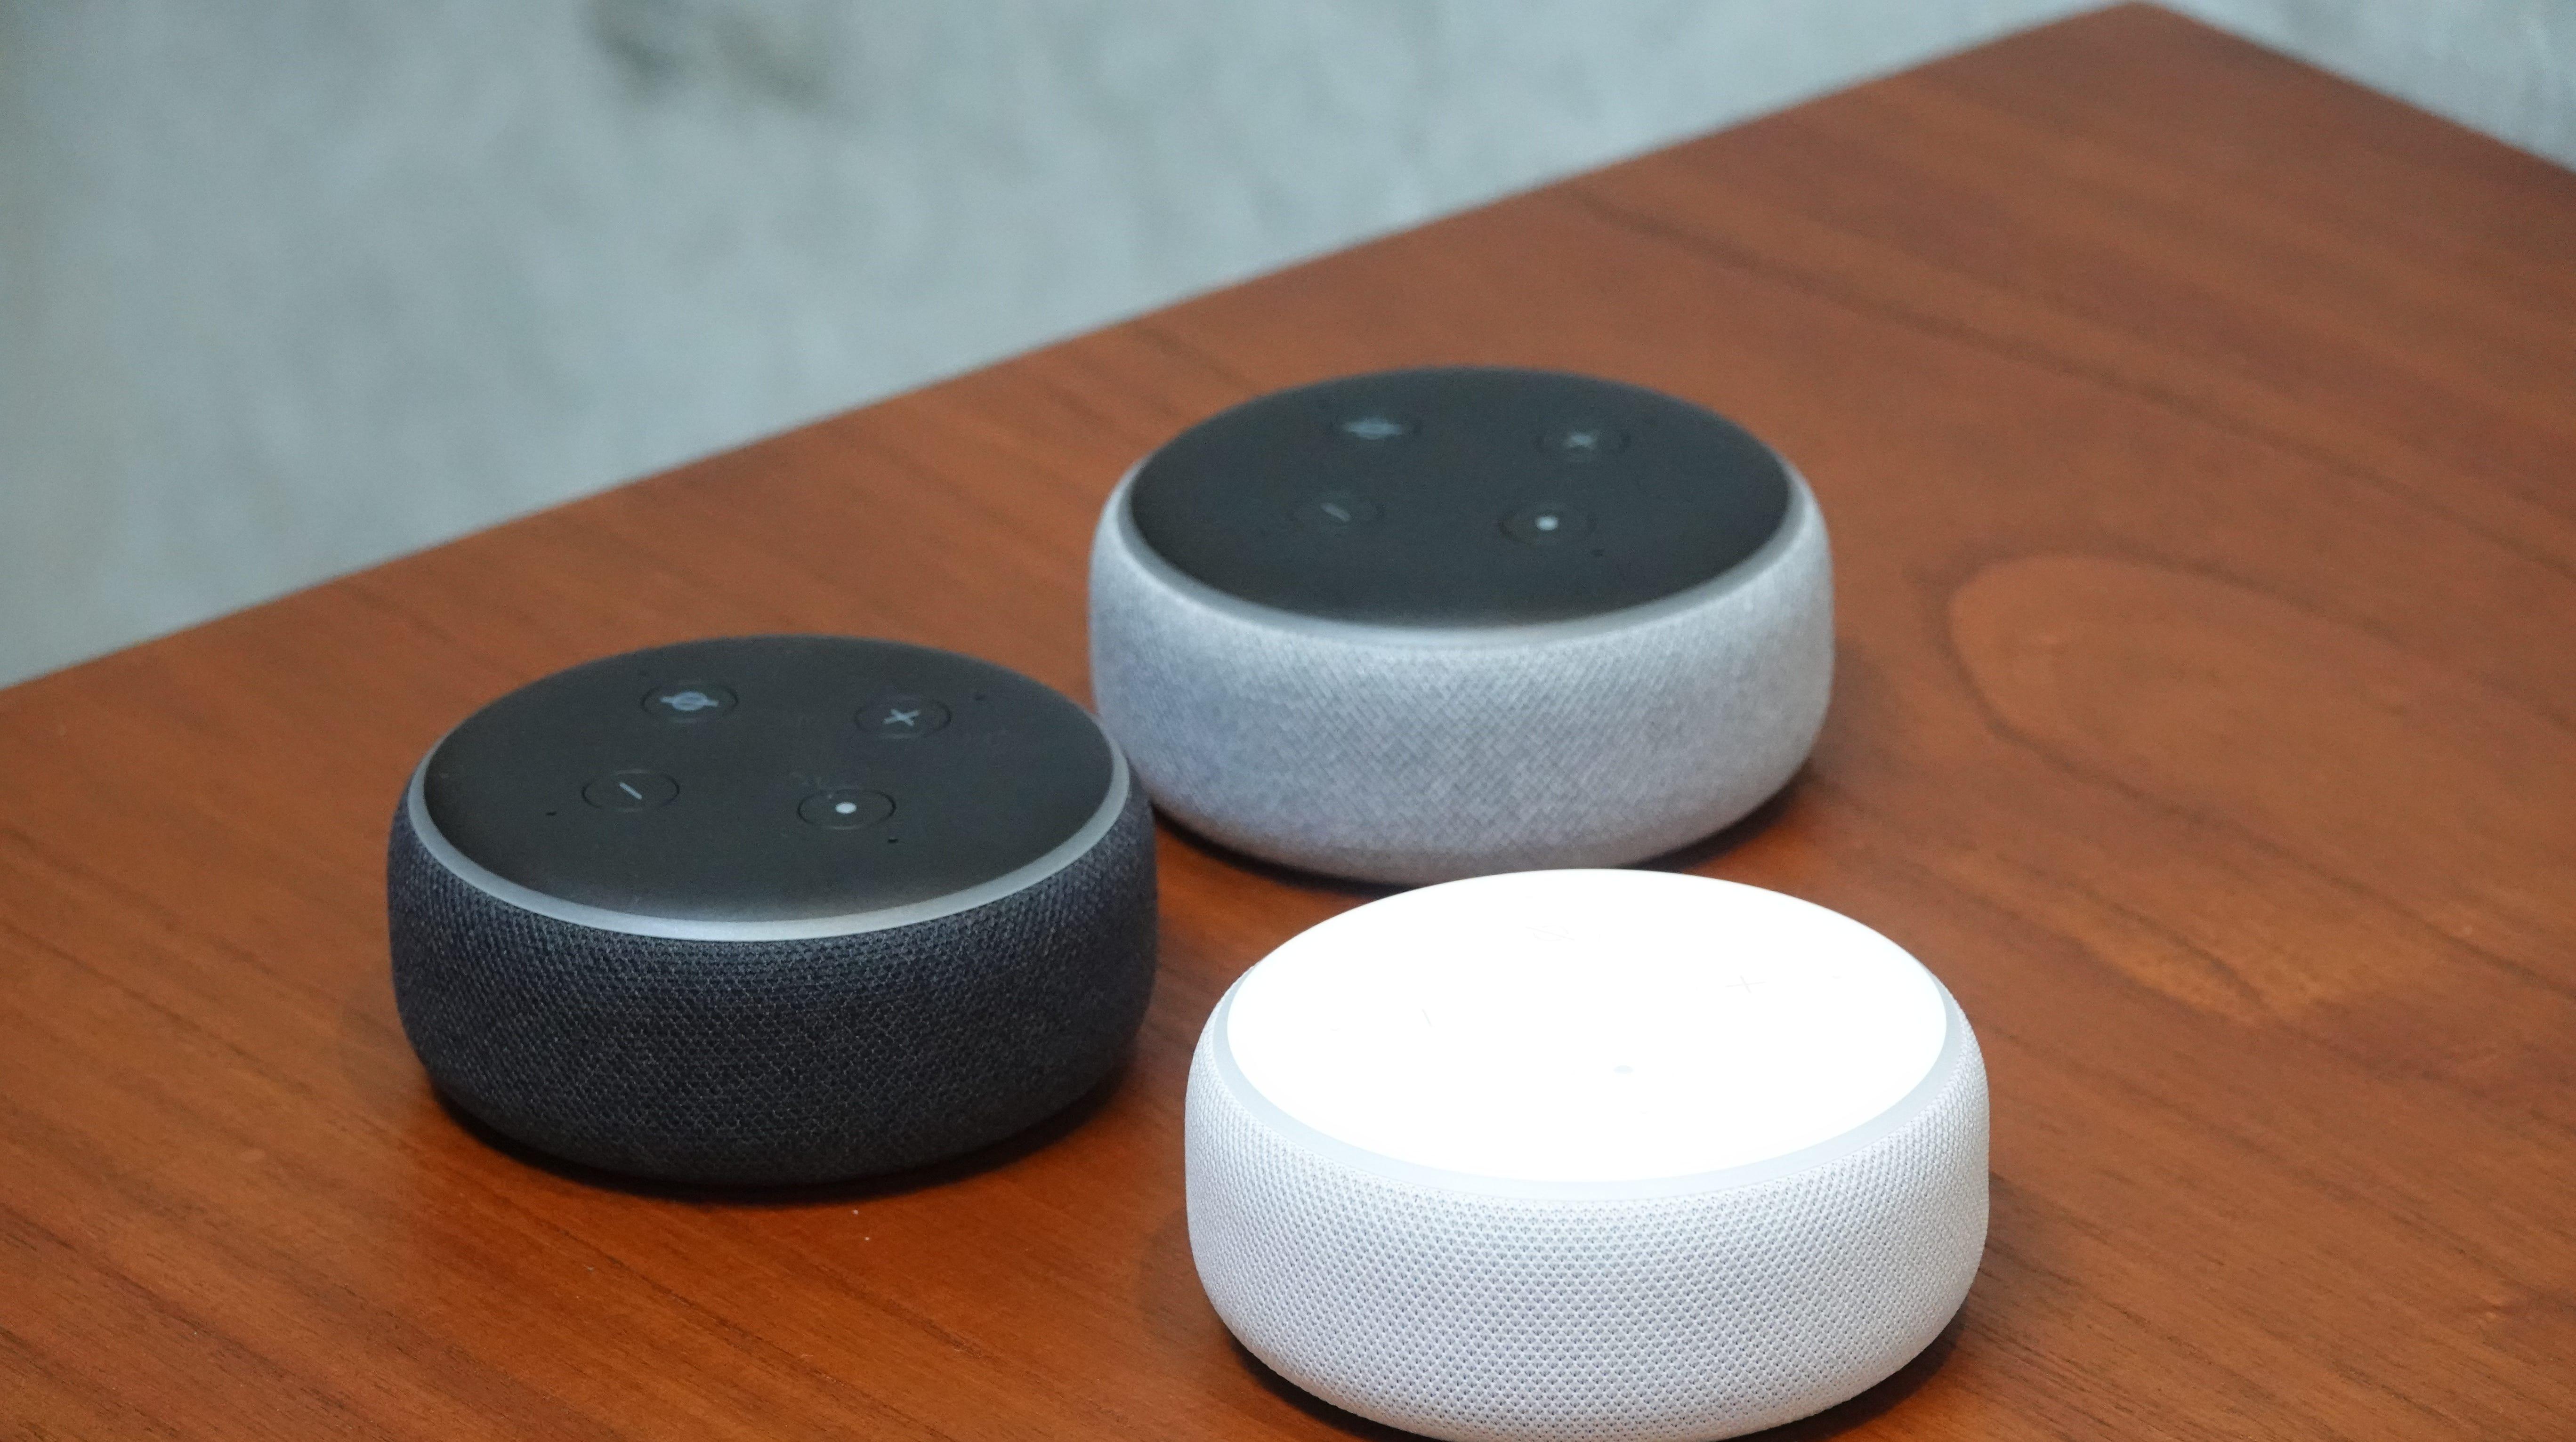 Amazon's new re-designed Dot speakers